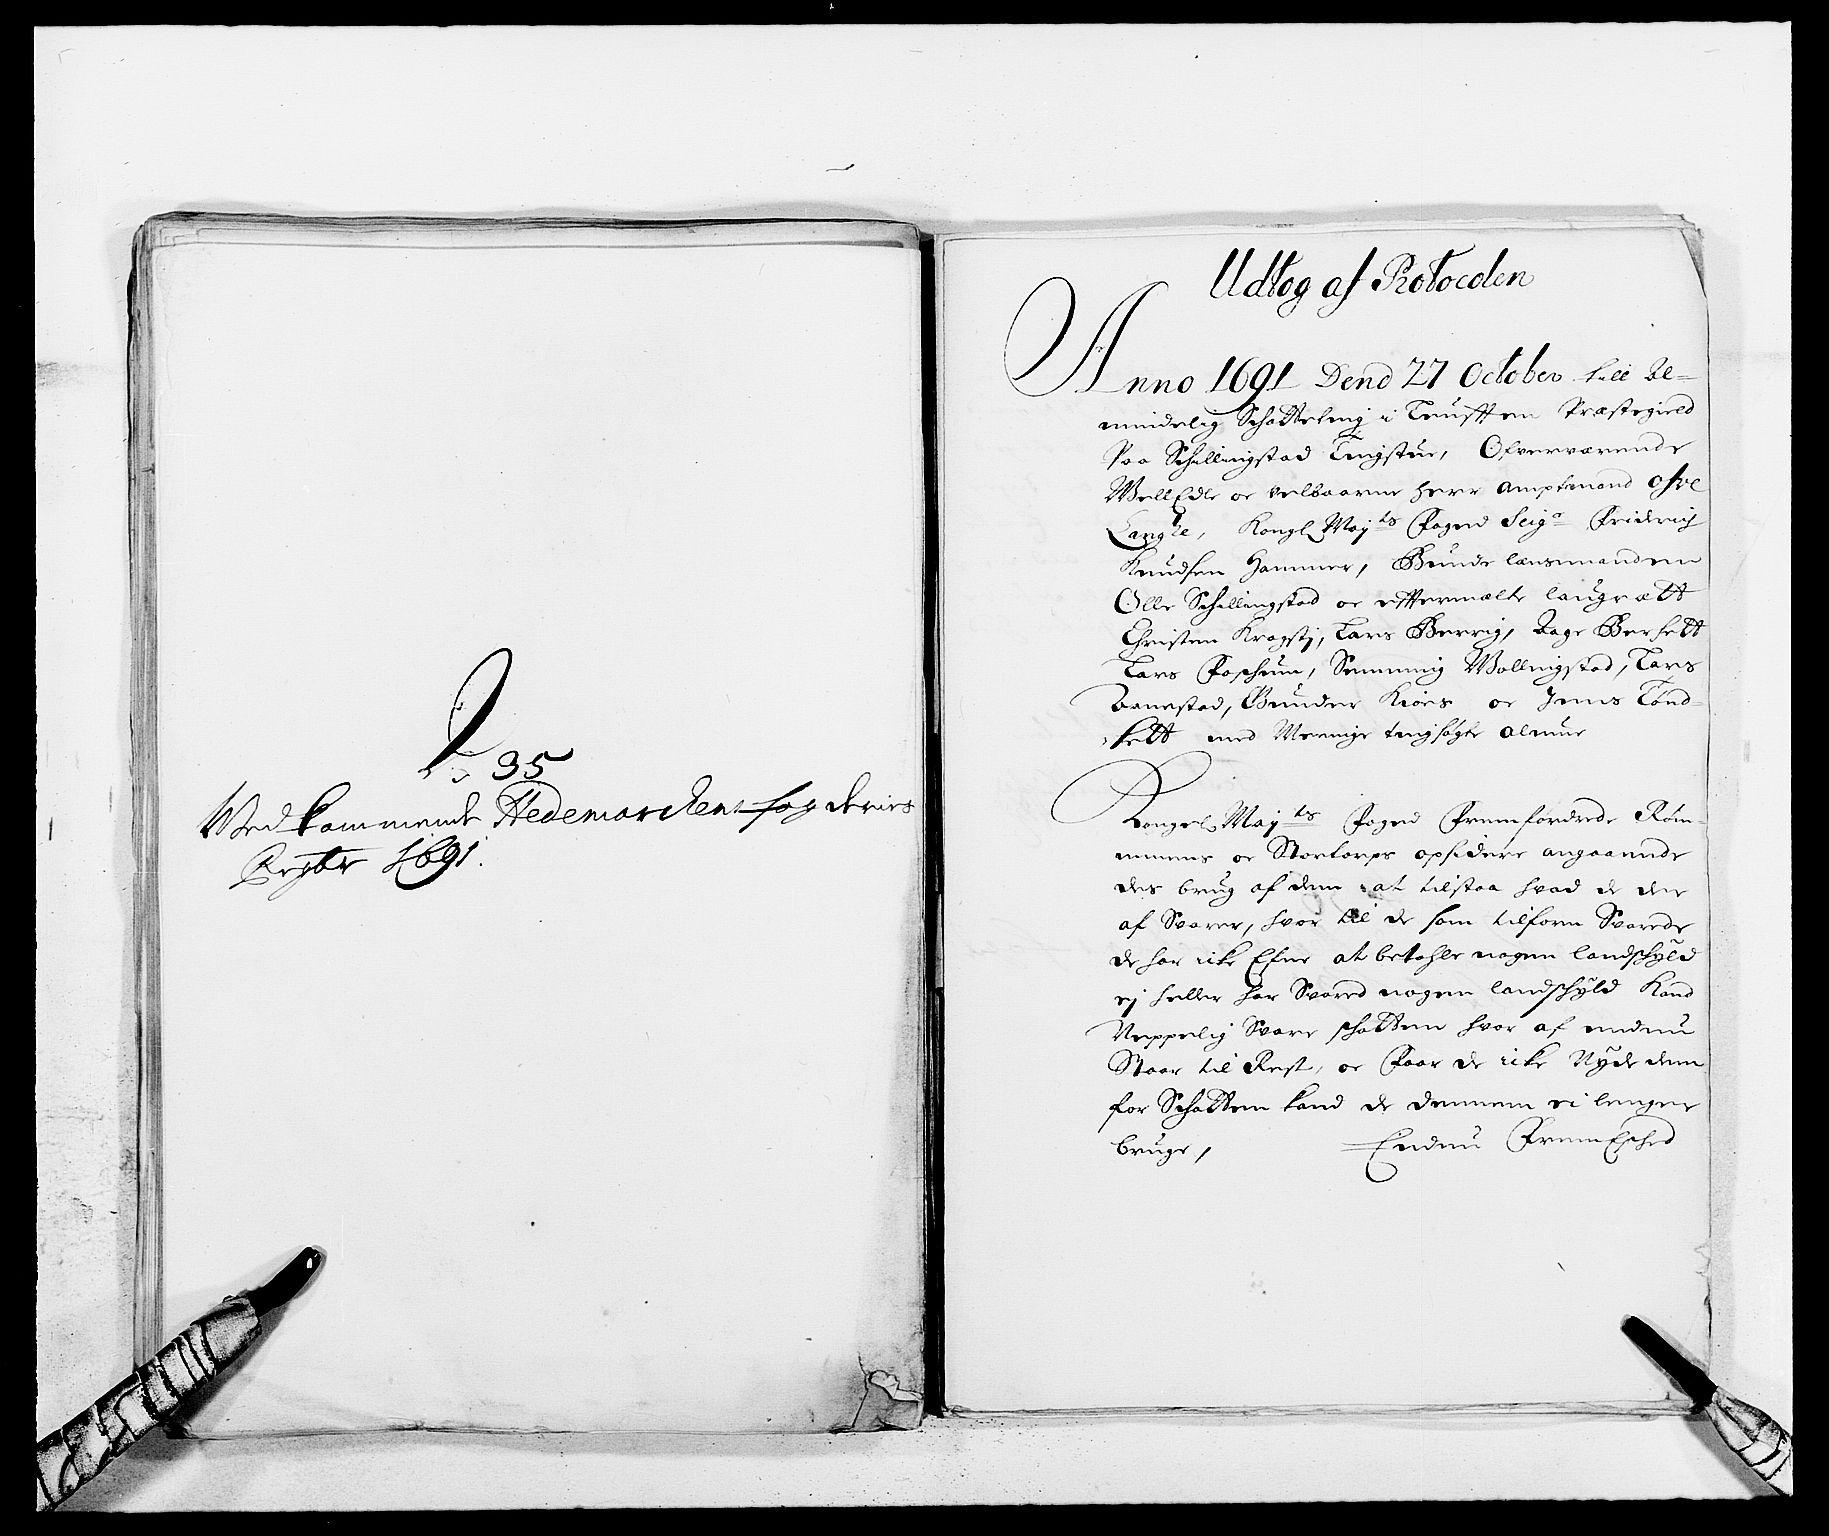 RA, Rentekammeret inntil 1814, Reviderte regnskaper, Fogderegnskap, R16/L1032: Fogderegnskap Hedmark, 1689-1692, s. 73